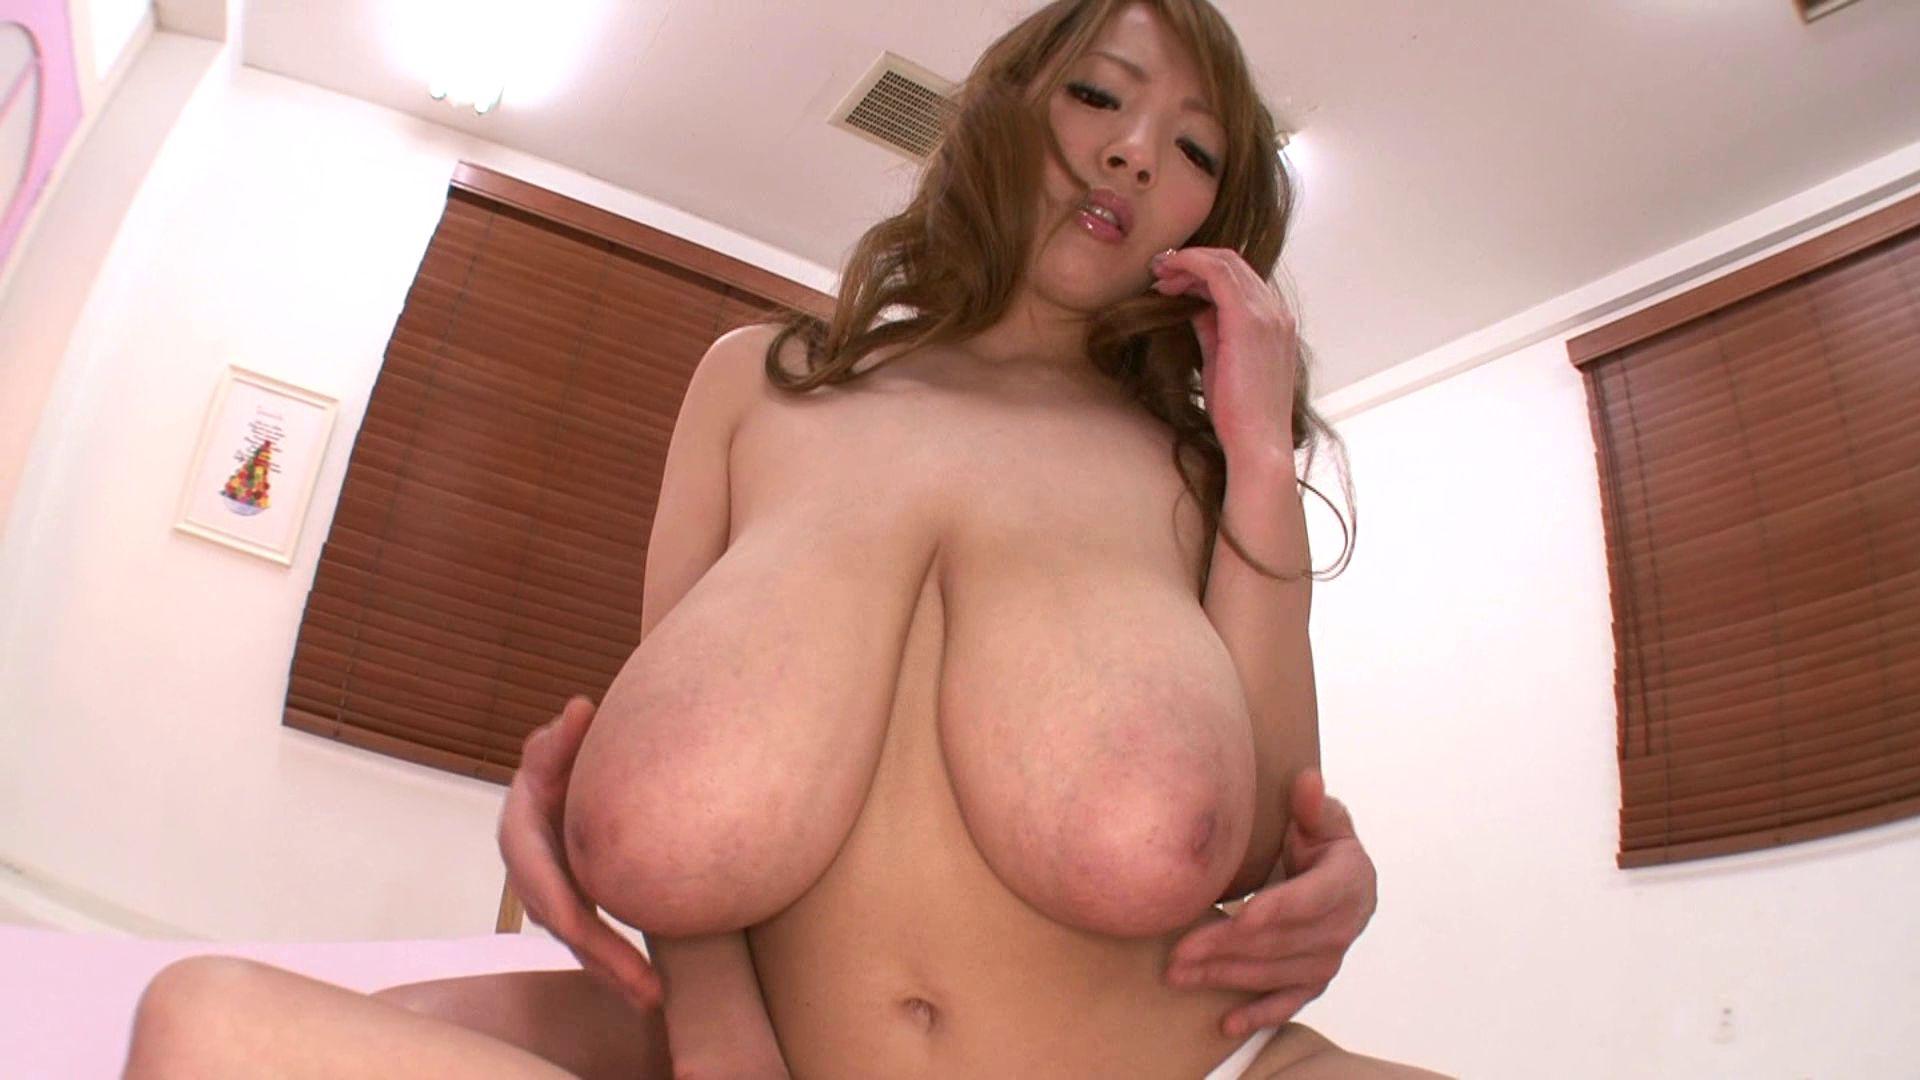 Necessary Hitomi tanaka bikini porn sorry